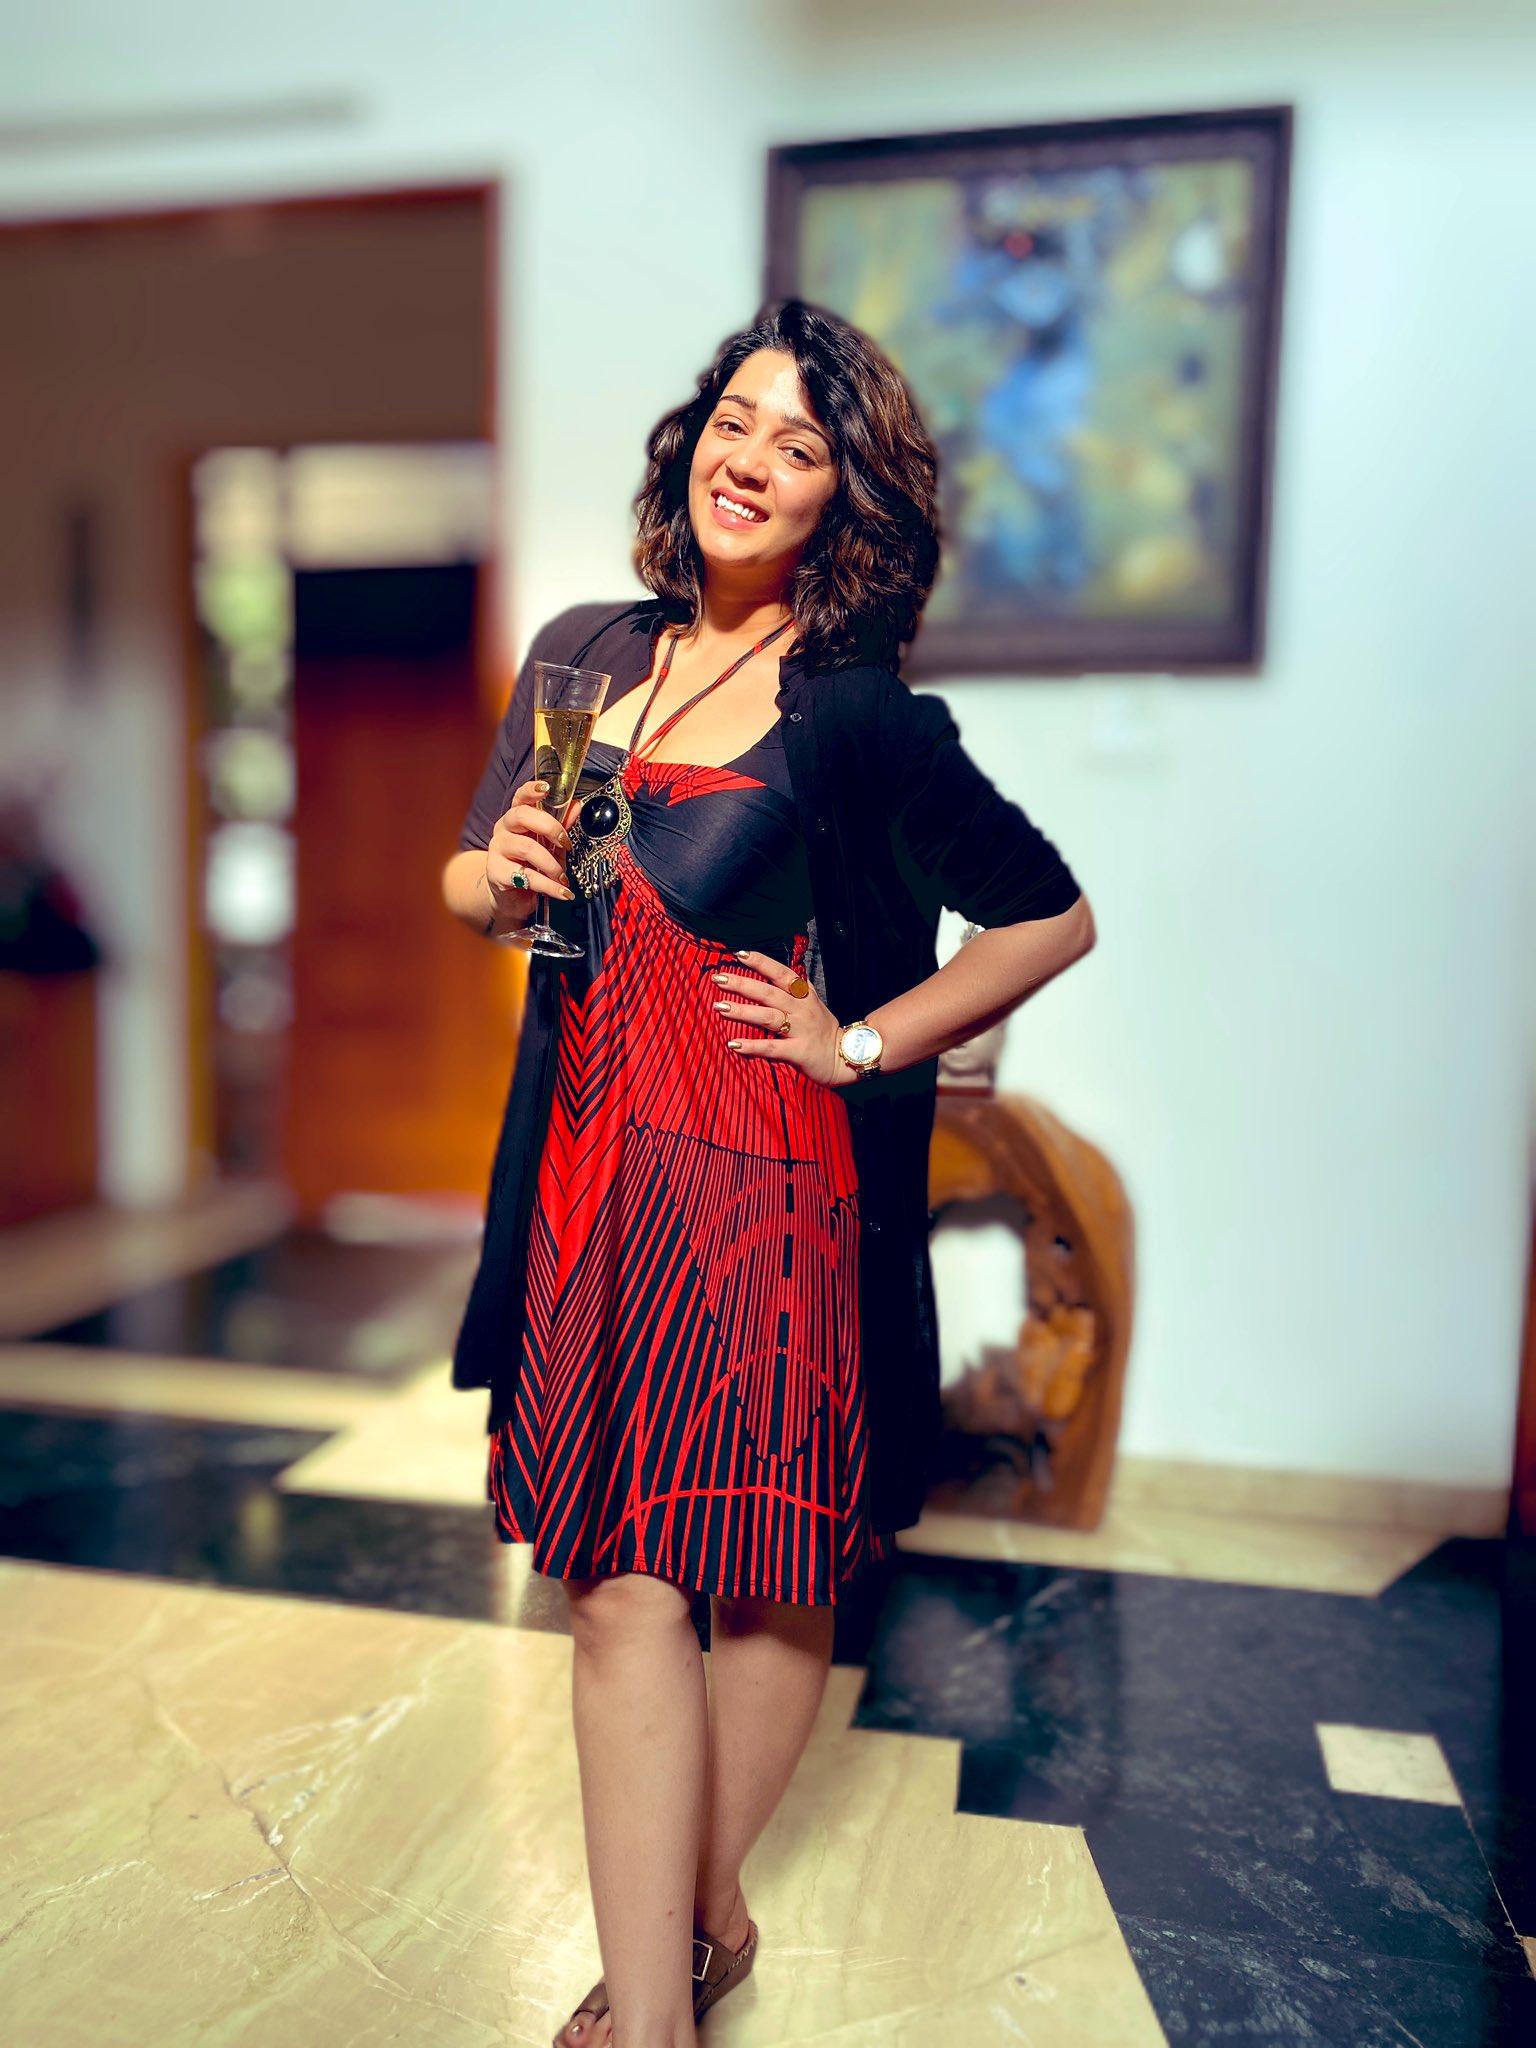 ఛార్మి కౌర్ (Twitter/Photo)